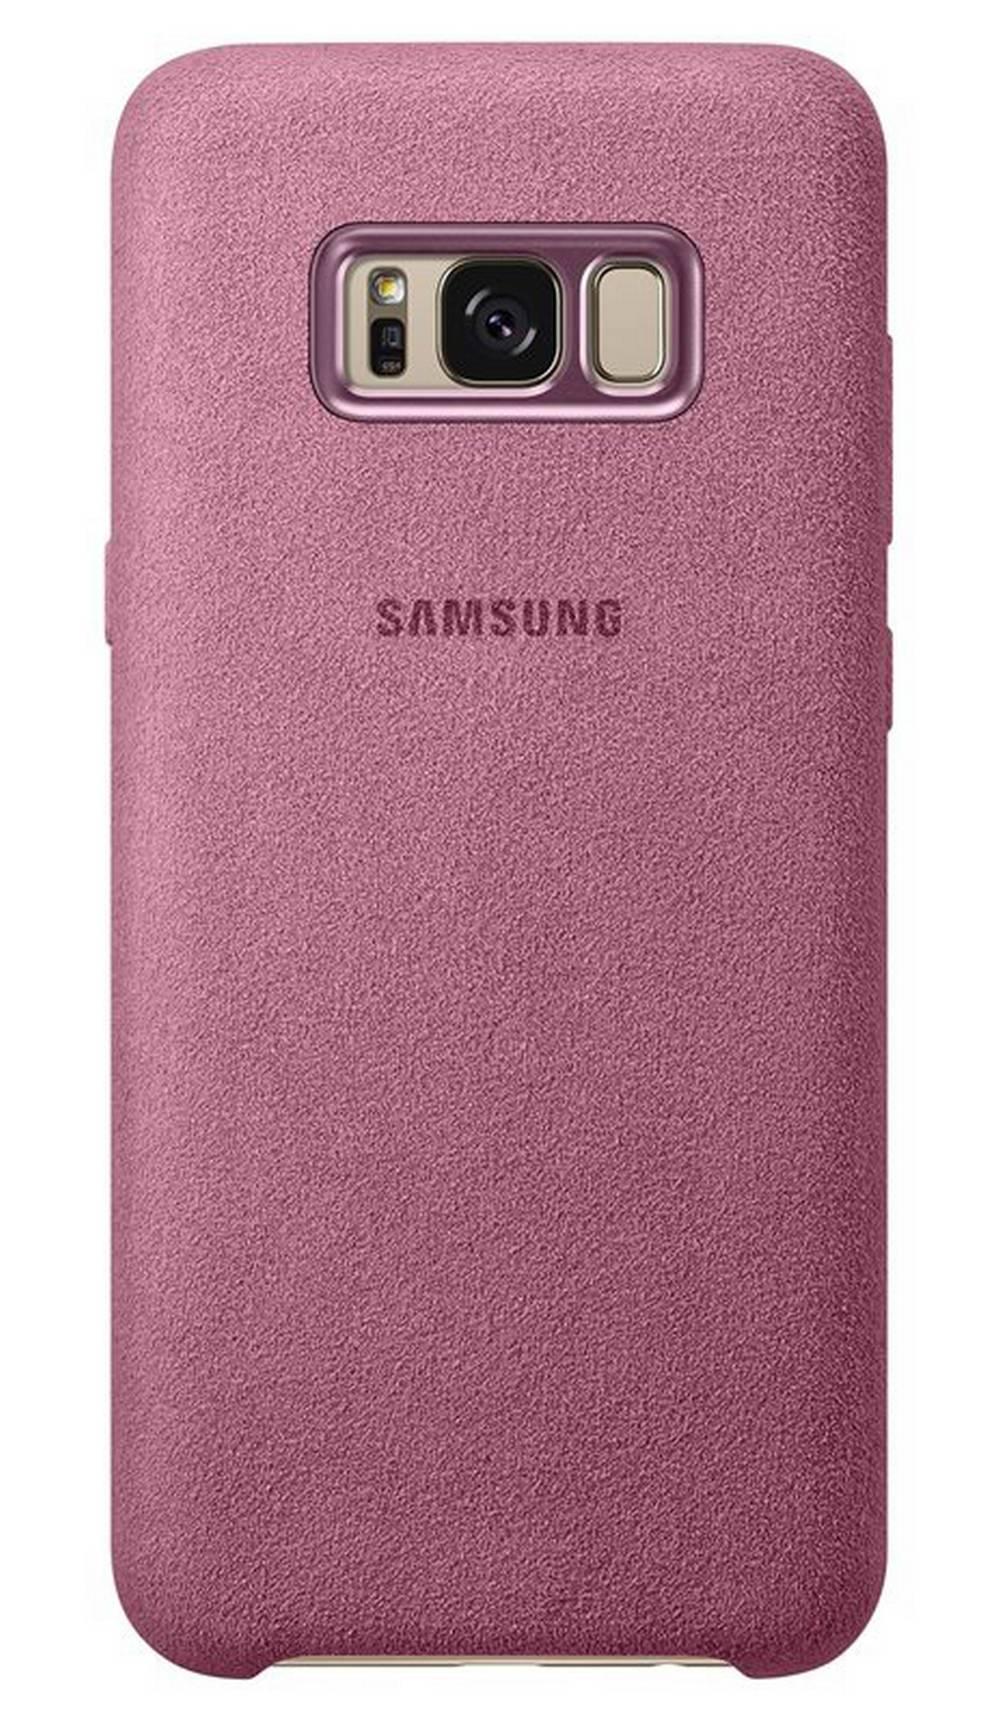 Θήκη Faceplate Samsung Alcantara Cover EF-XG955APEGWW για ...